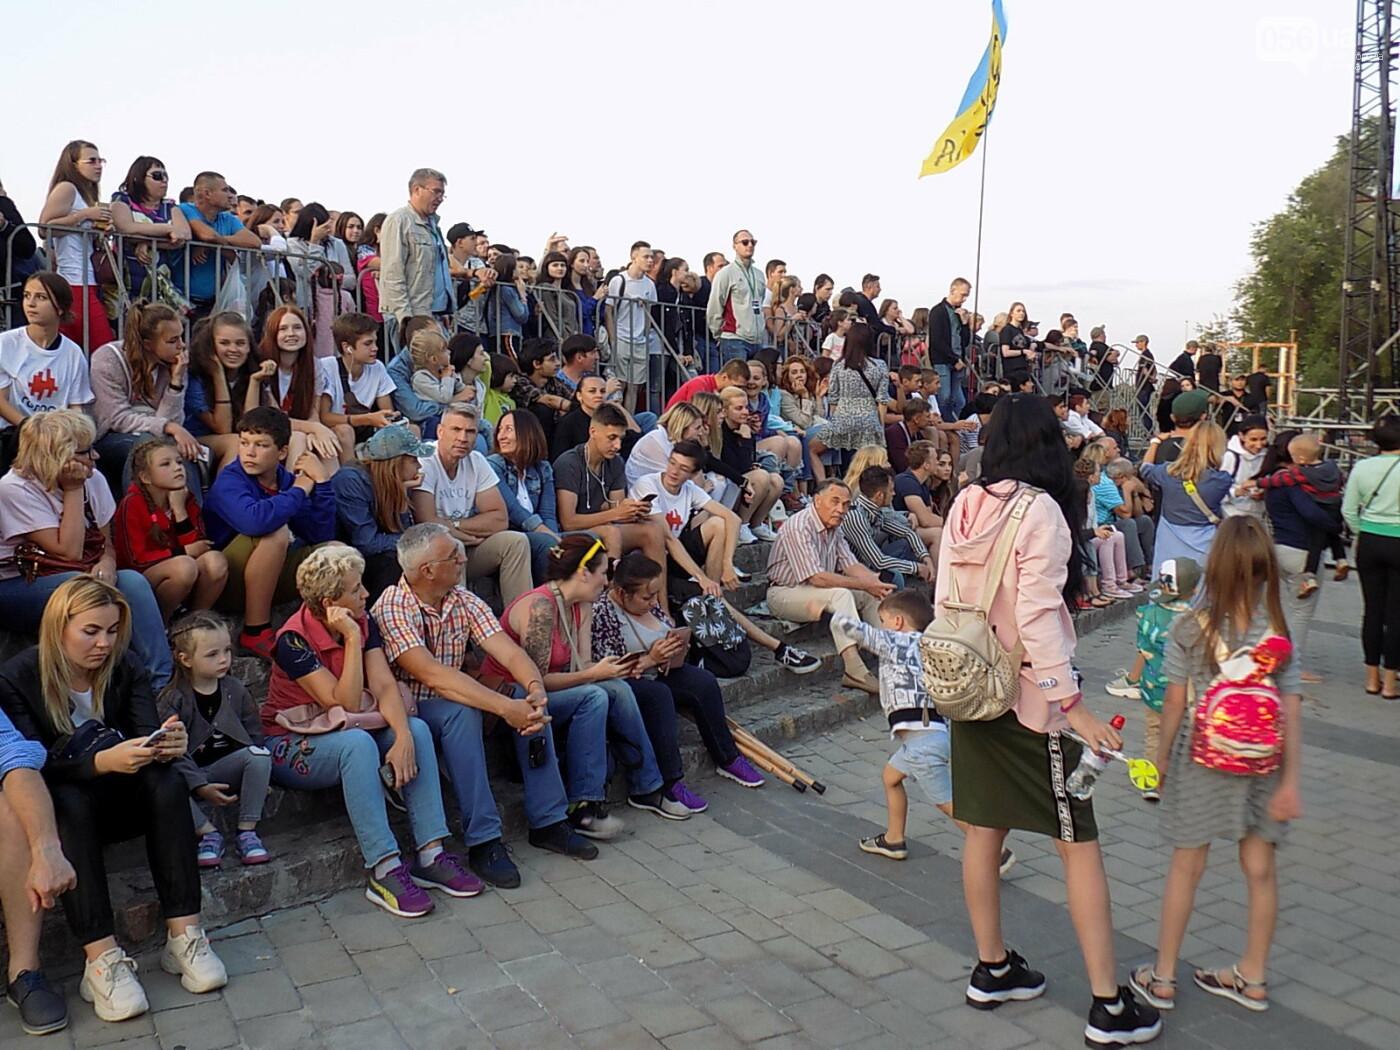 В Днепре прошел концерт группы Океан Эльзы: как это было, - ФОТО, фото-3